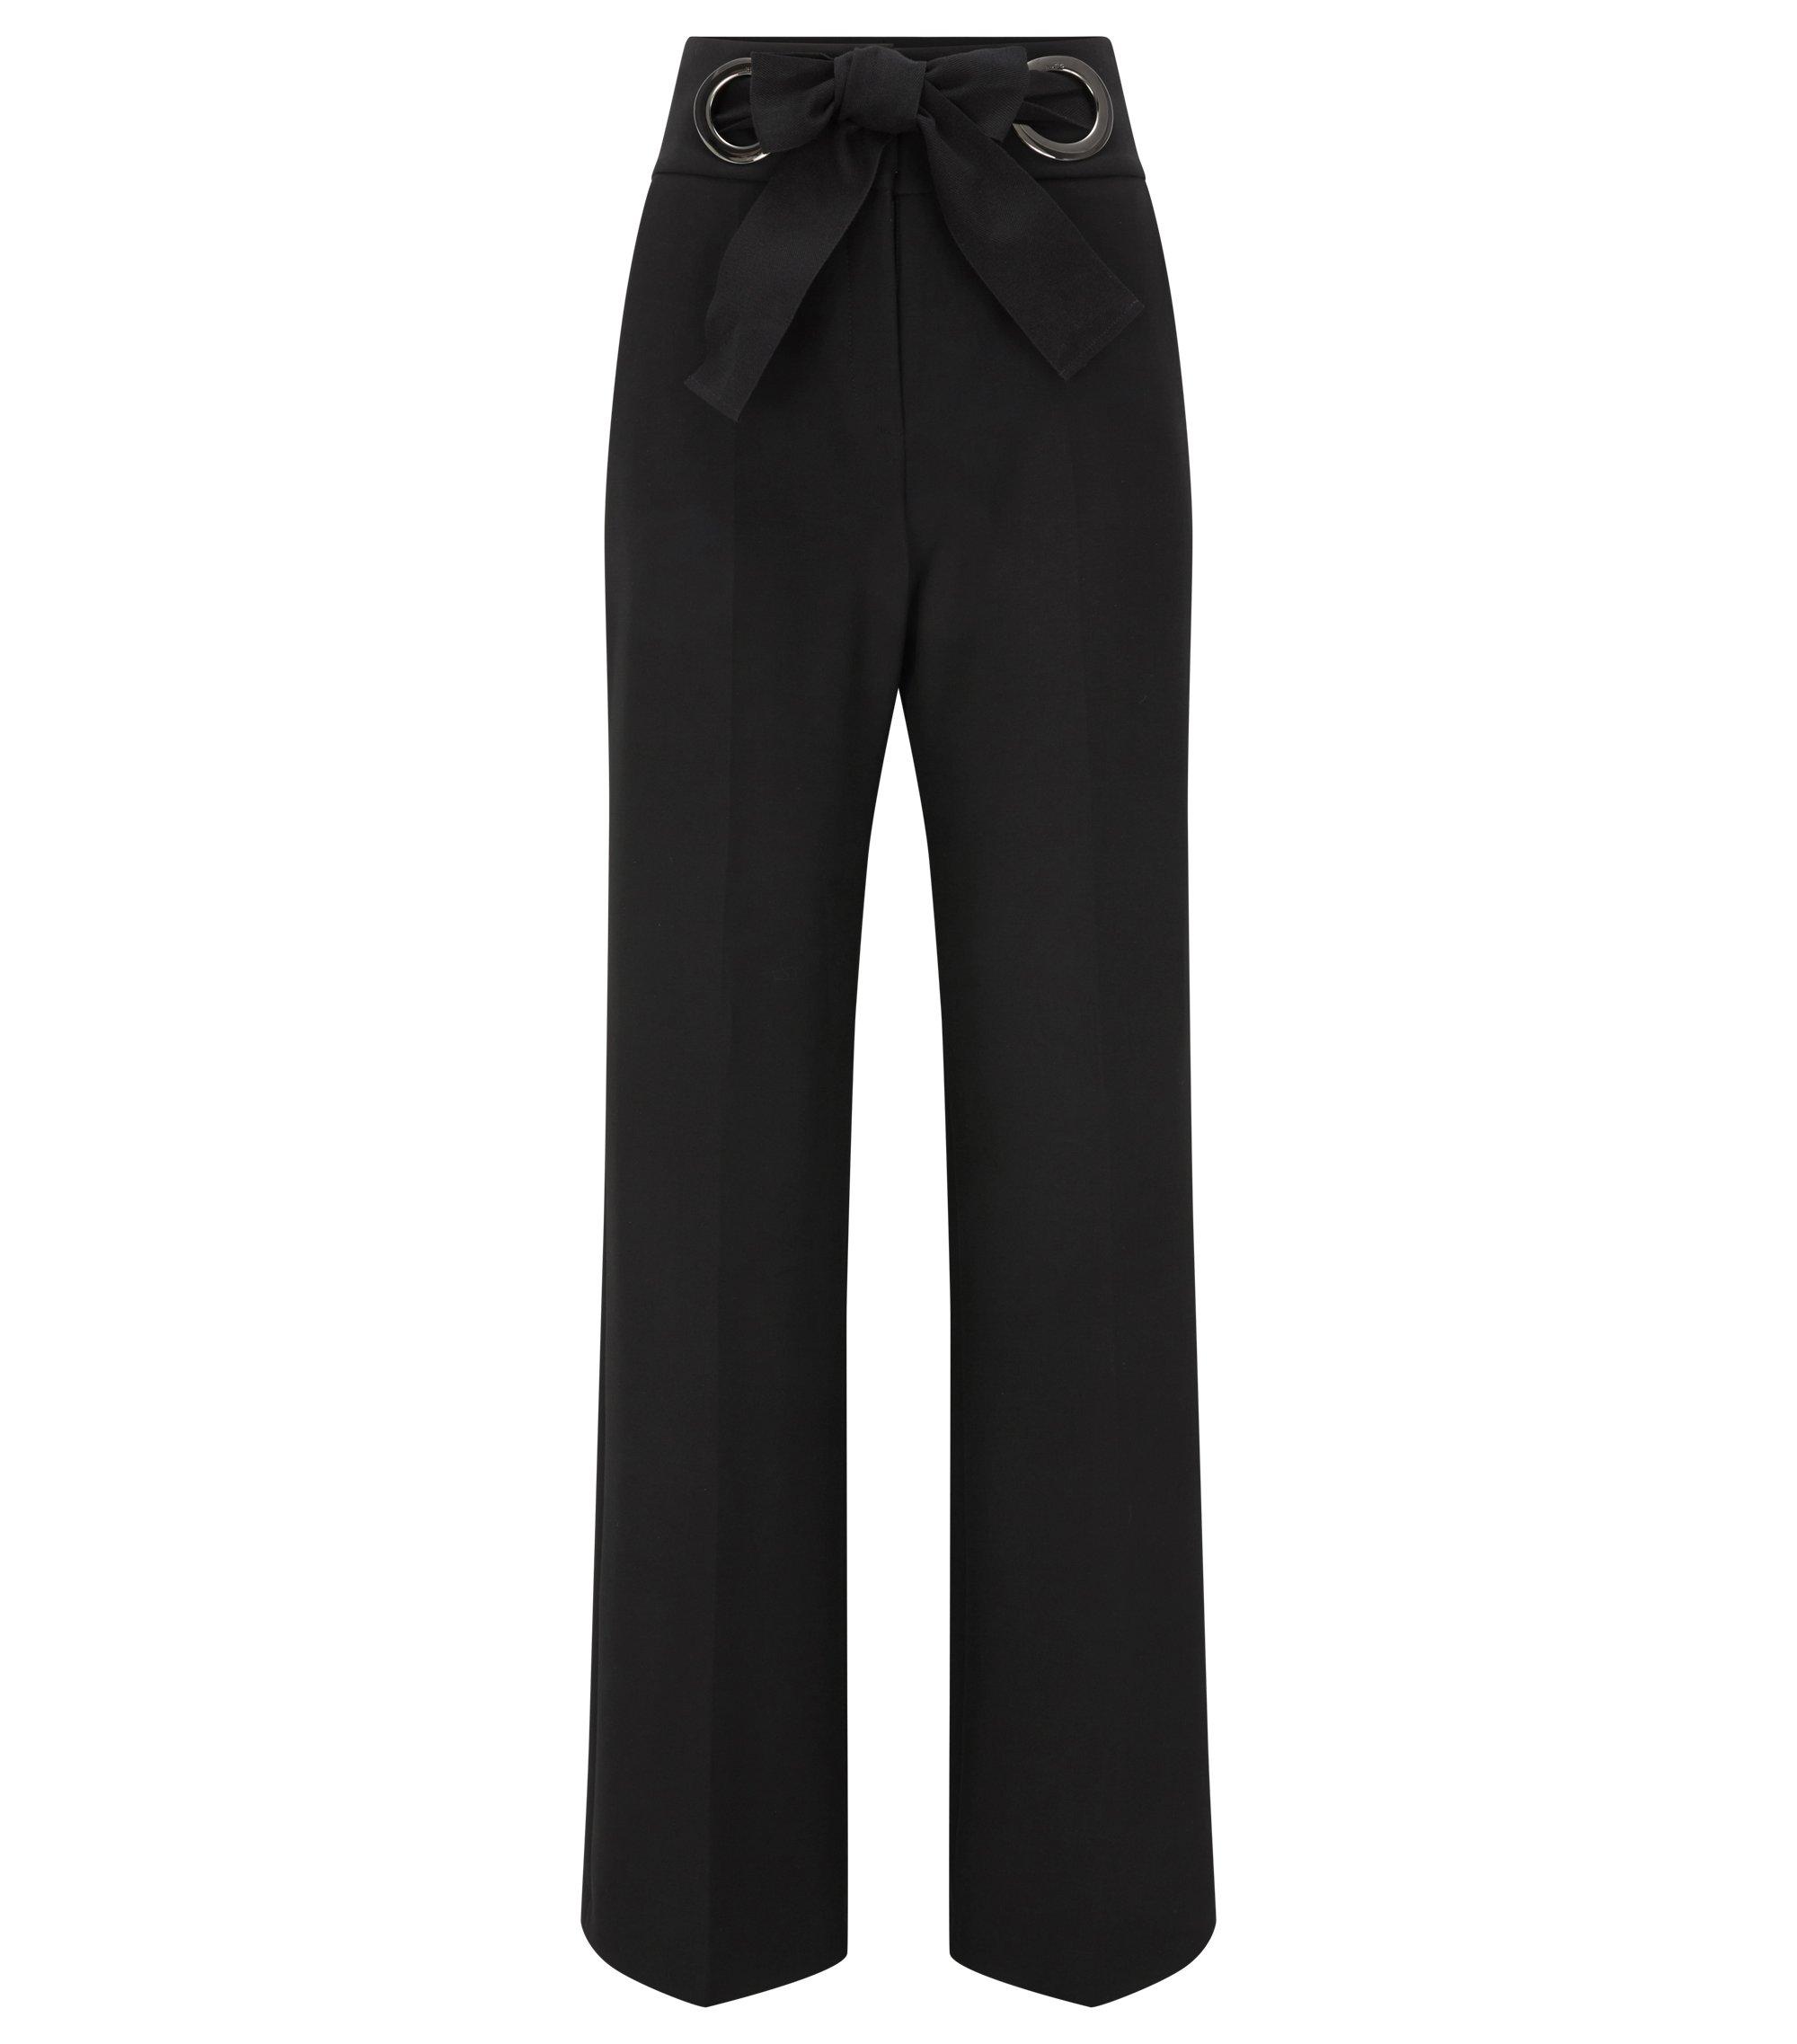 Pantalon Relaxed Fit fermé par un nœud, Noir